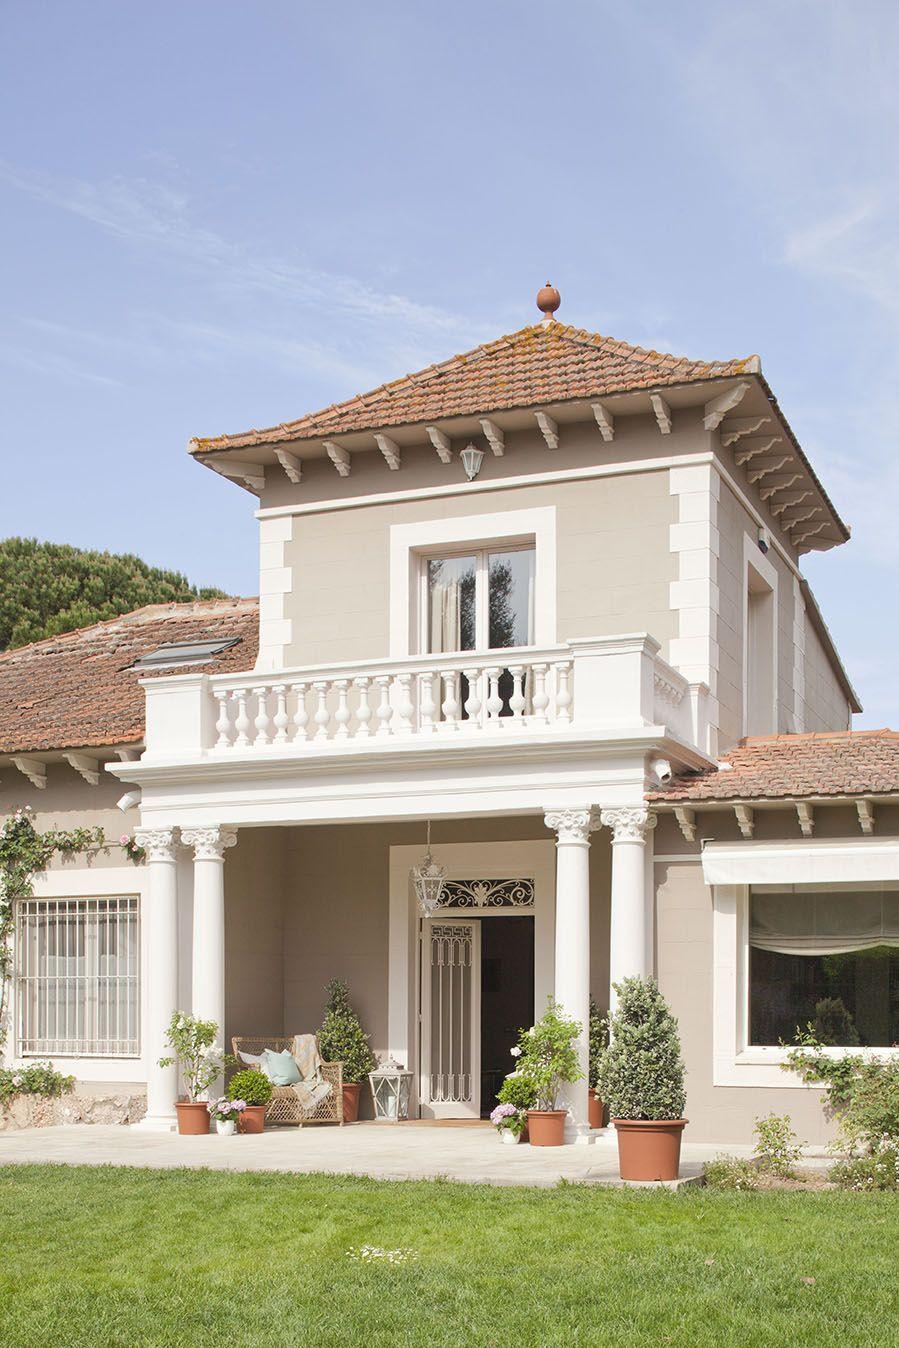 La fachada de la propiedad en 2019 fachada casas for Fachadas de casas estilo clasico